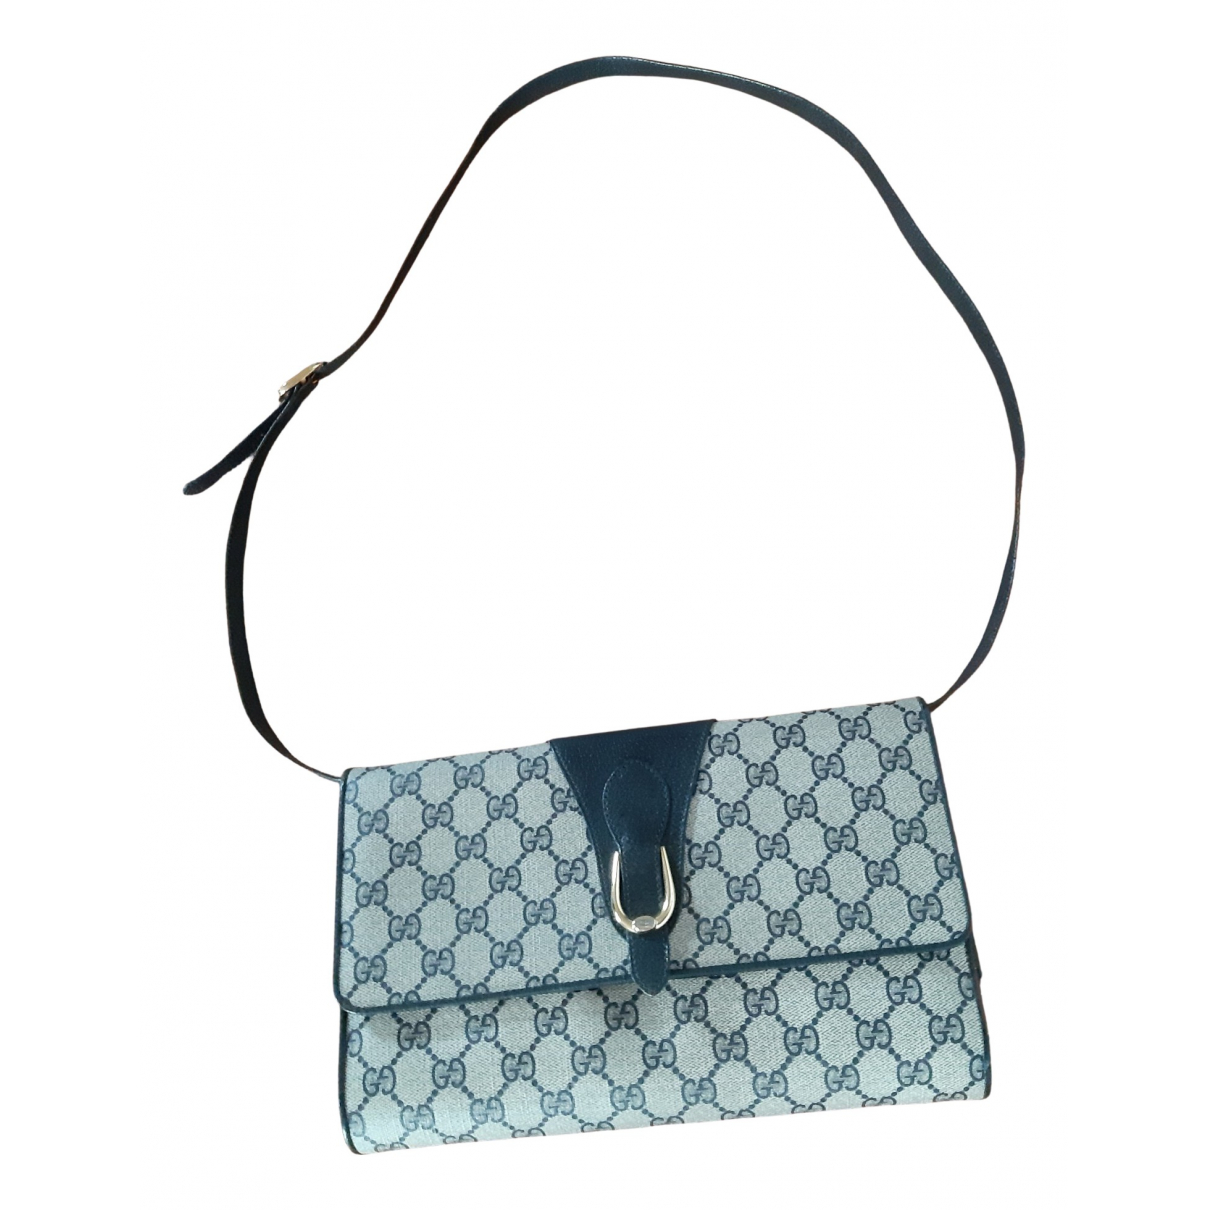 Gucci - Sac a main   pour femme en toile - bleu